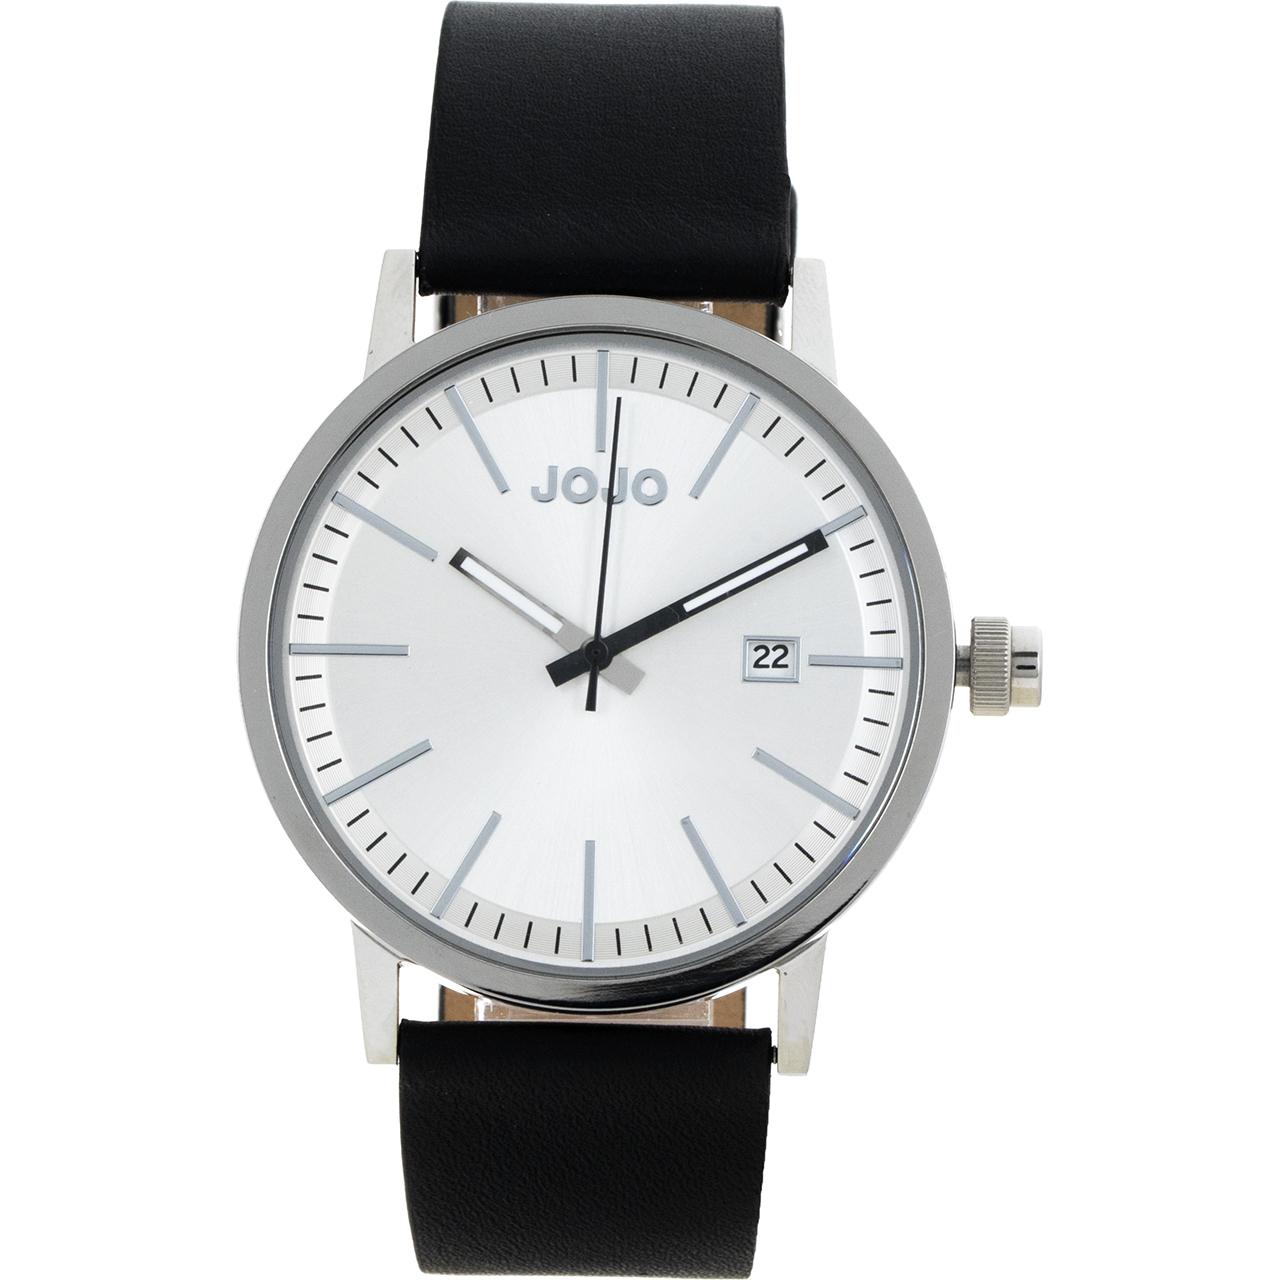 ساعت مچی عقربه ای مردانه نچرالی ژوژو مدل JO90006.80F